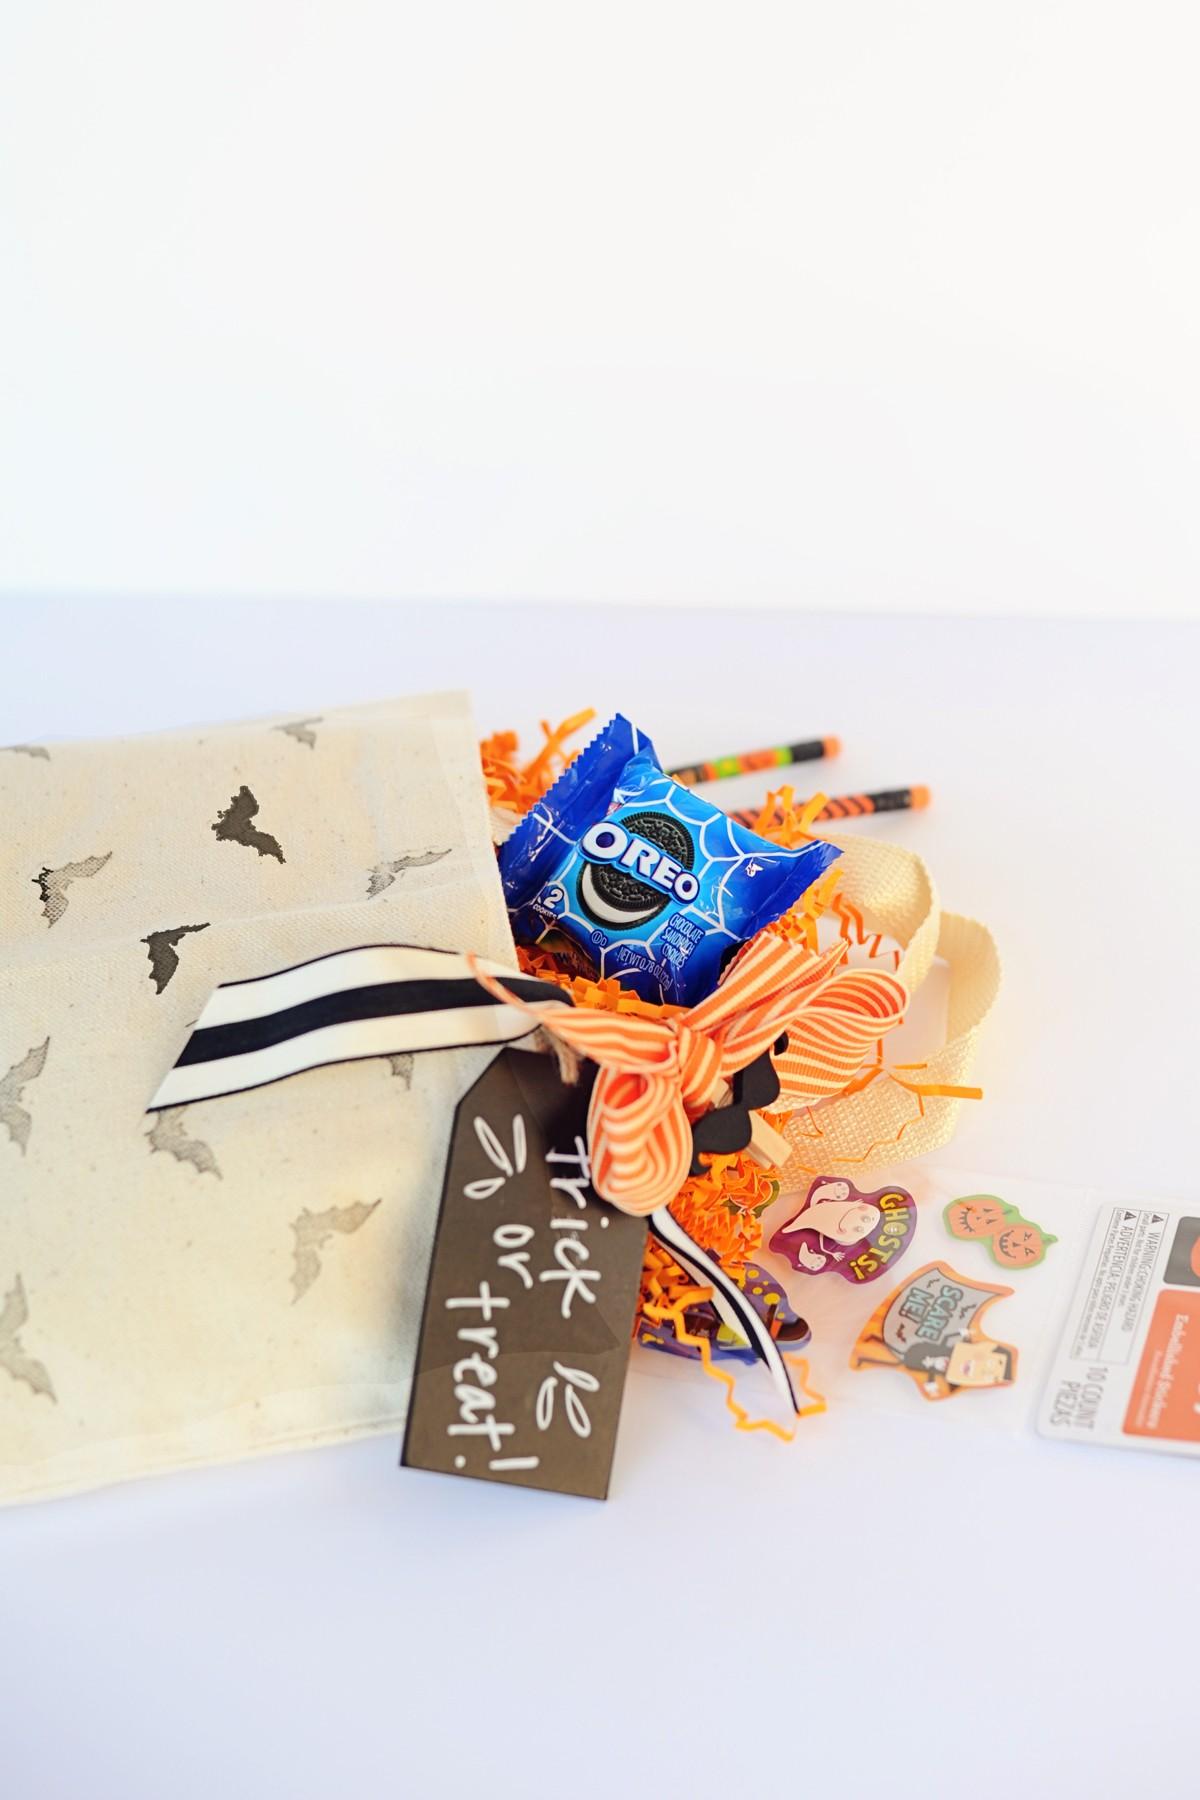 Mais doces e travessuras: crie saquinhos de lembrancinhas com snacks e brincadeiras para as crianças se divertirem mais